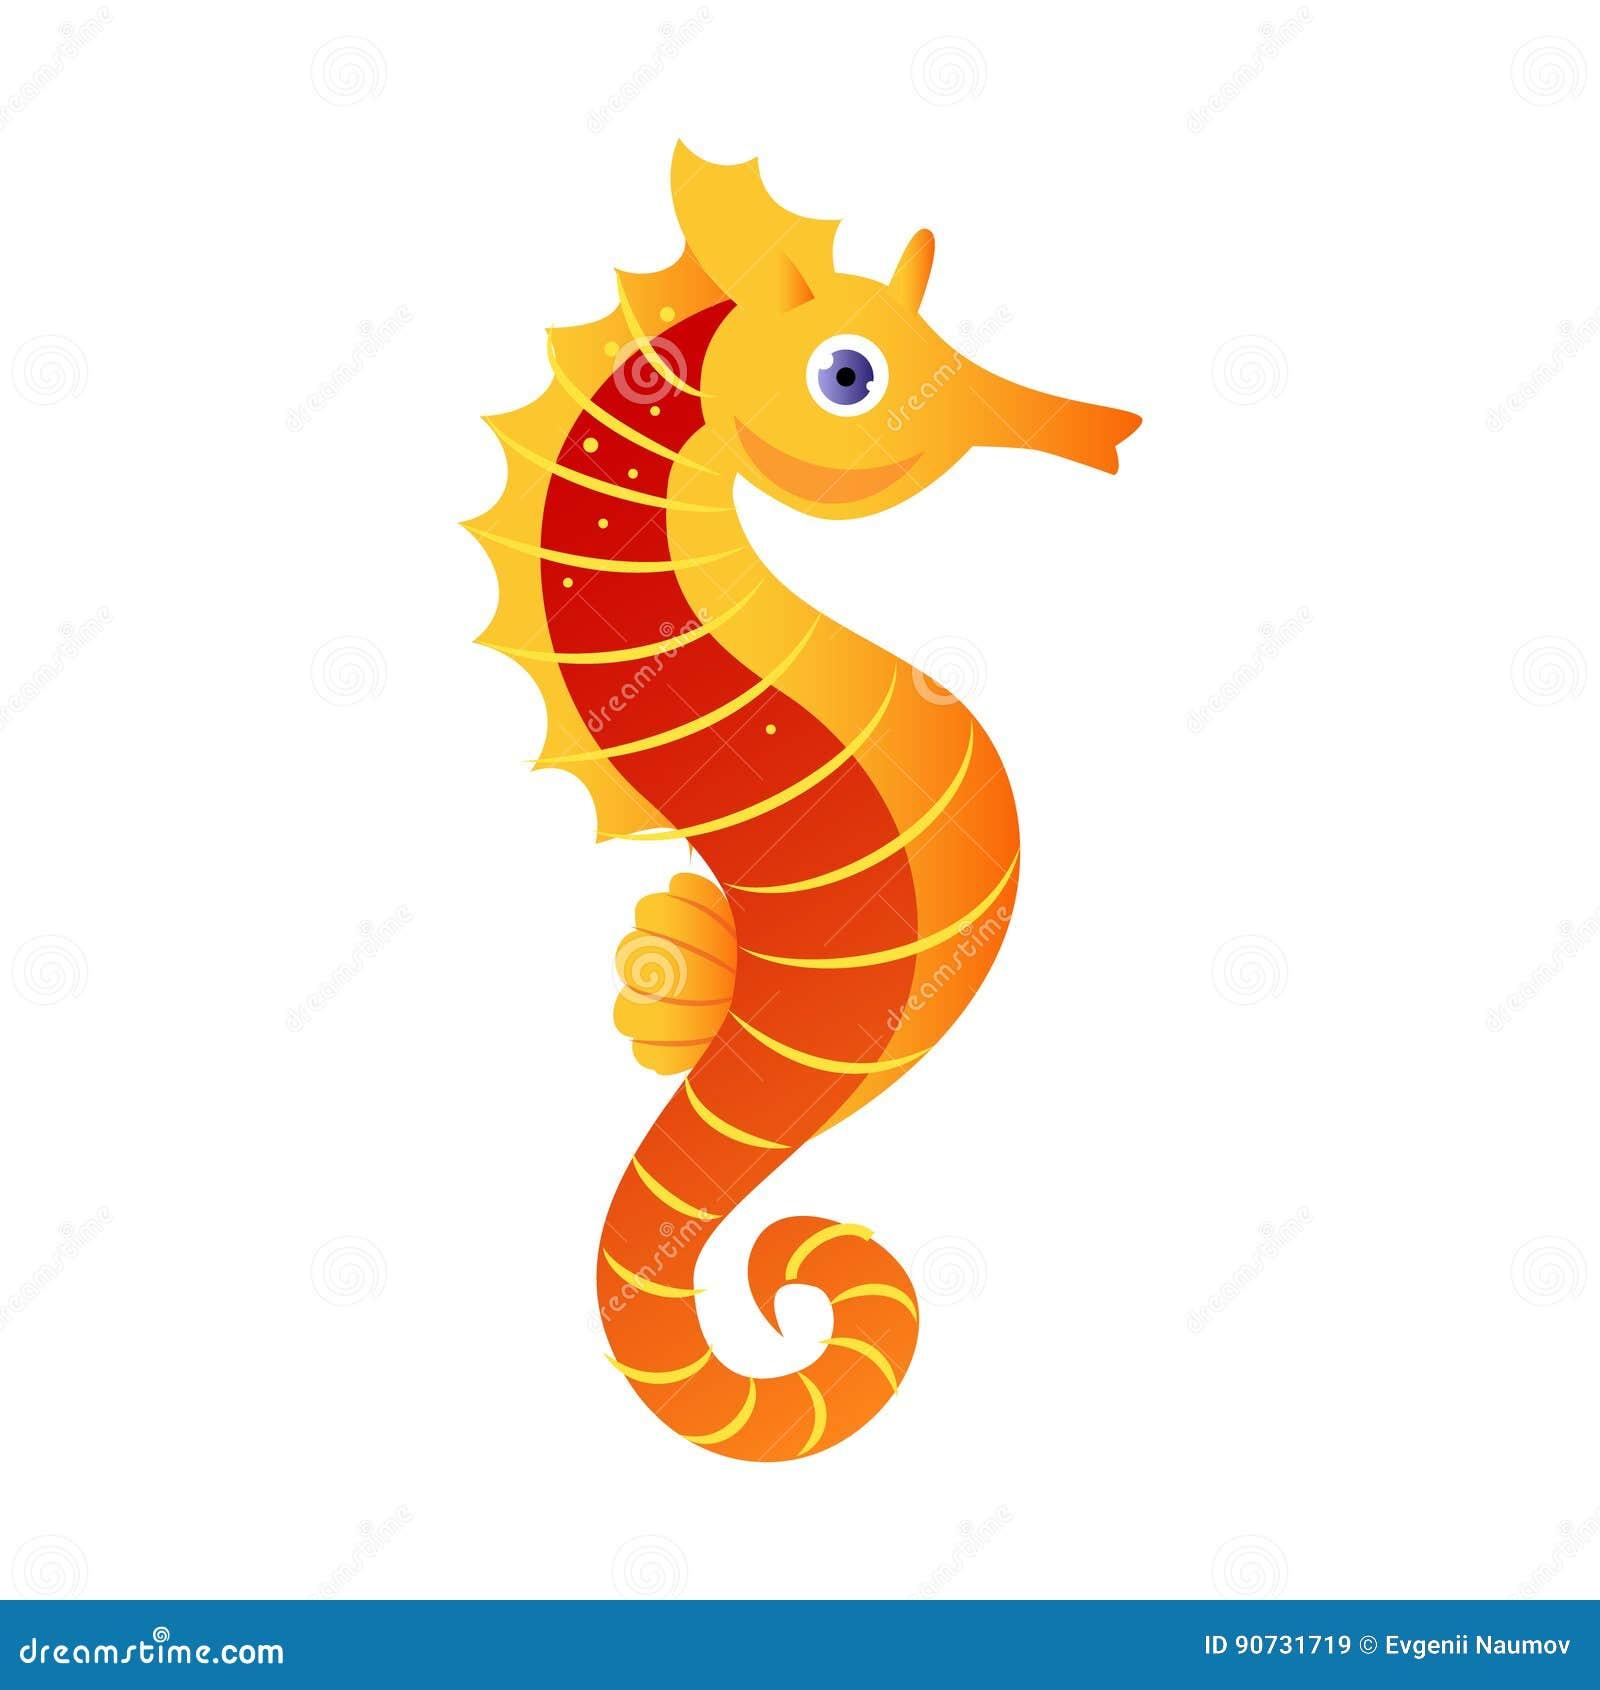 Ippocampo o ippocampo creatura del mare personaggio dei - Cartoni animati mare immagini ...